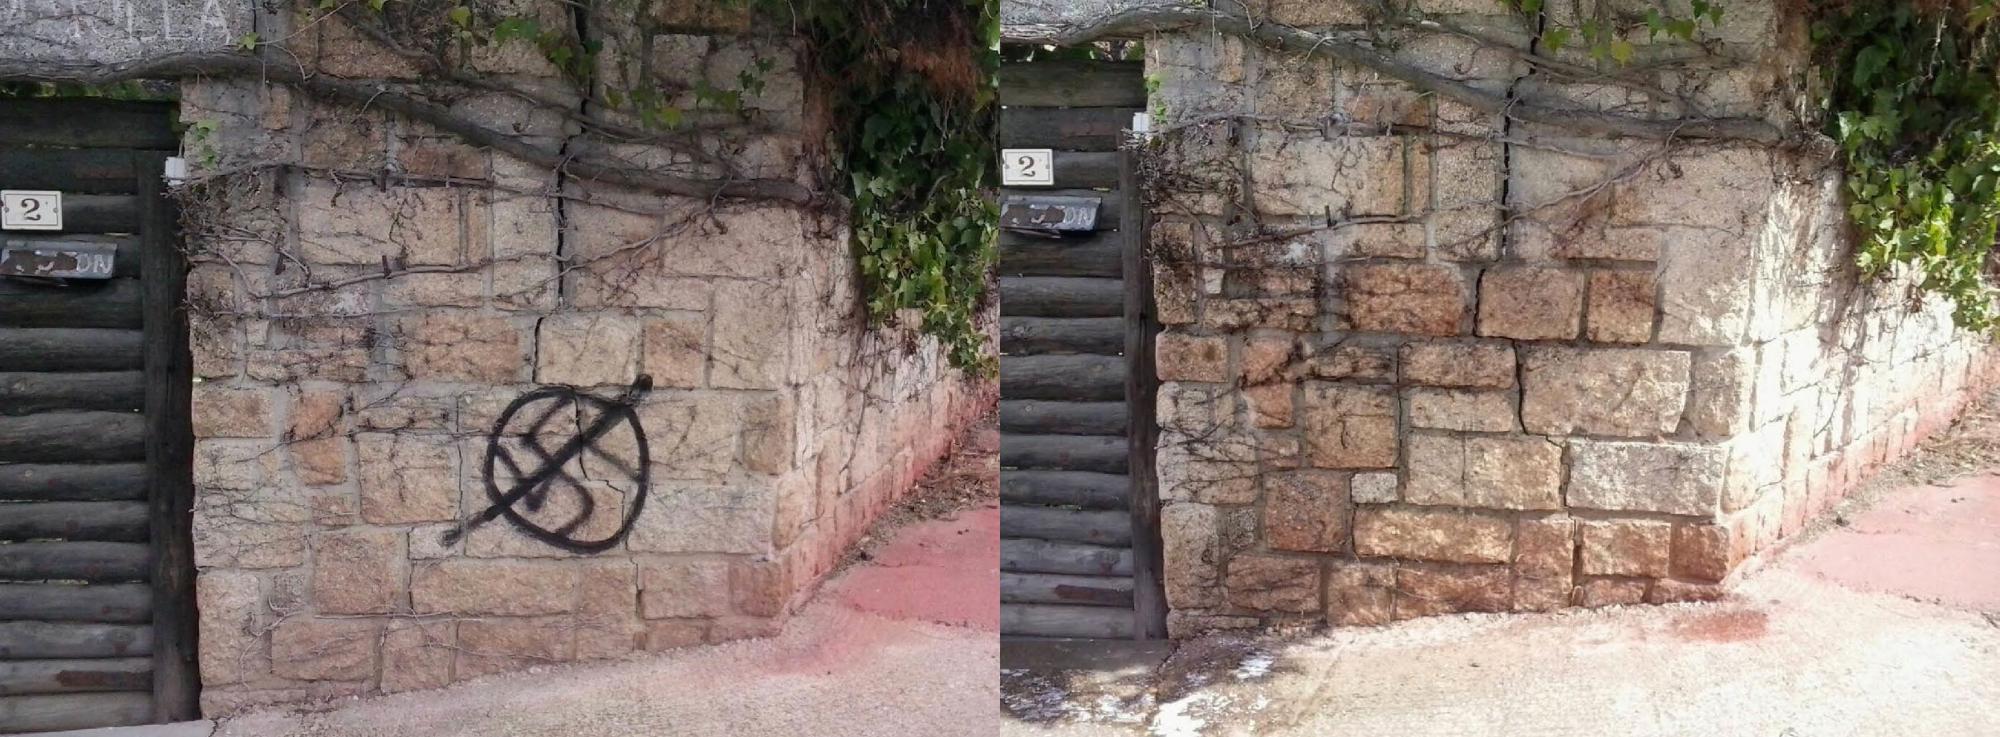 Galapagar invierte 15.000 euros en una nueva campaña de limpieza de grafittis